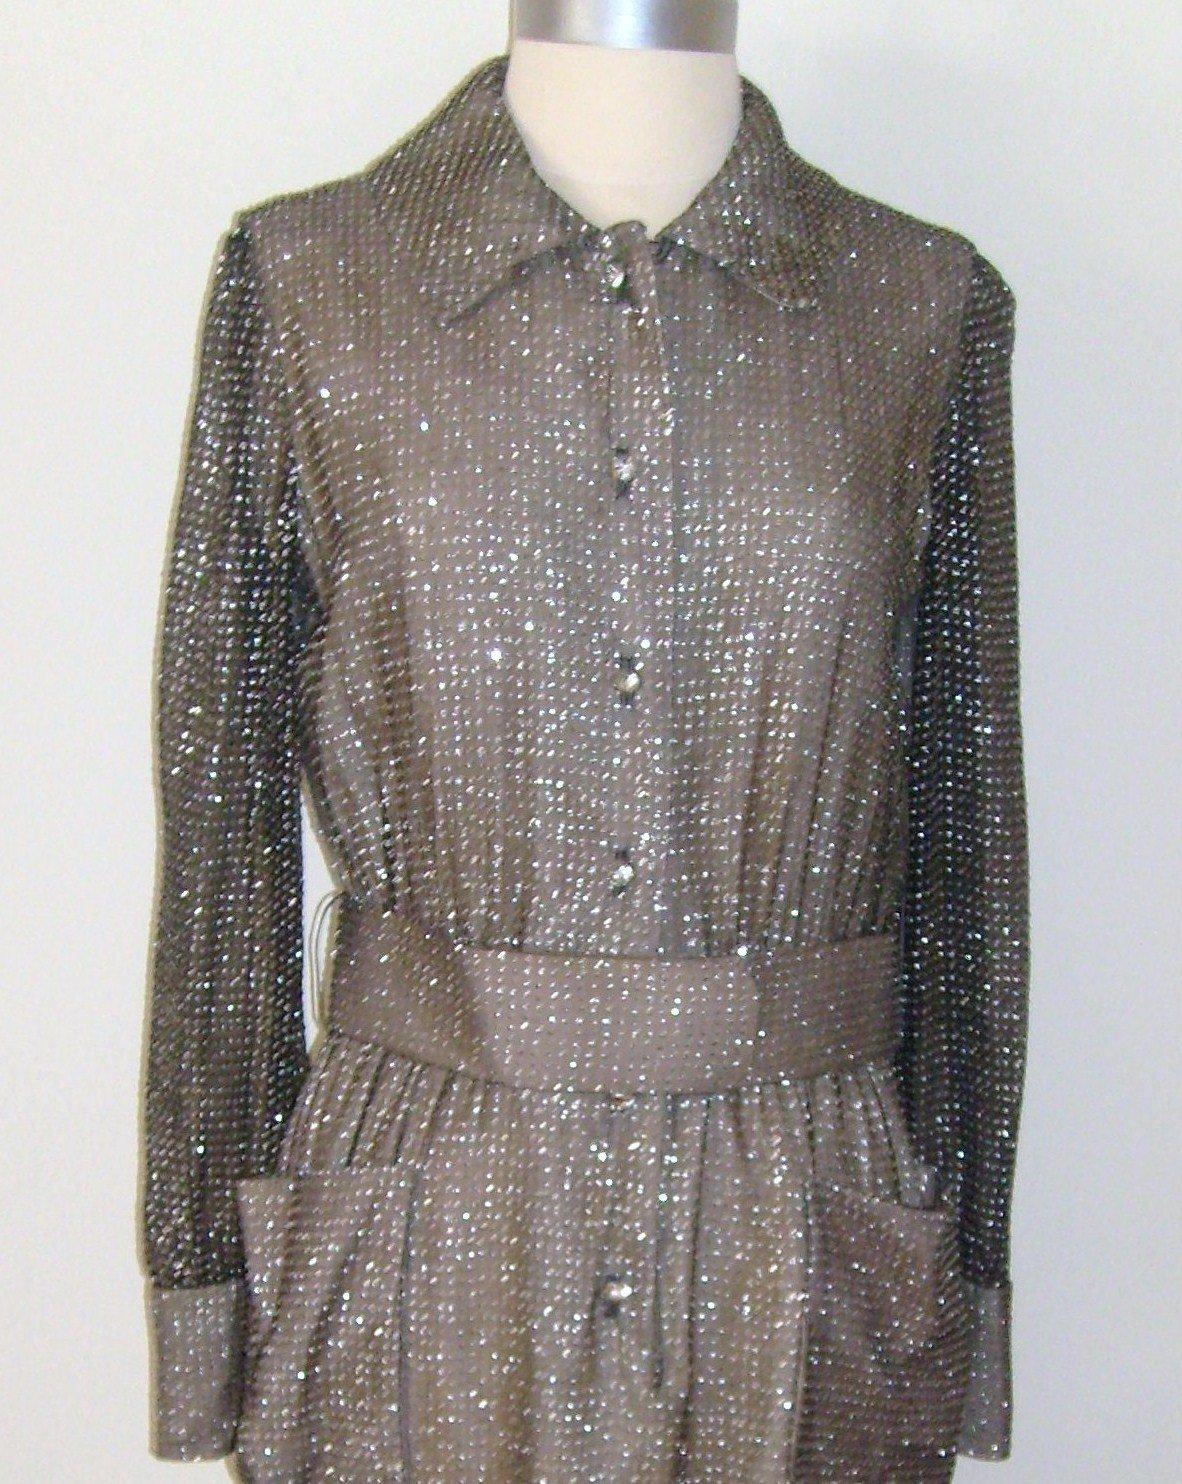 Harold Levine Vintage Sparkling Shirt Dress Size 12